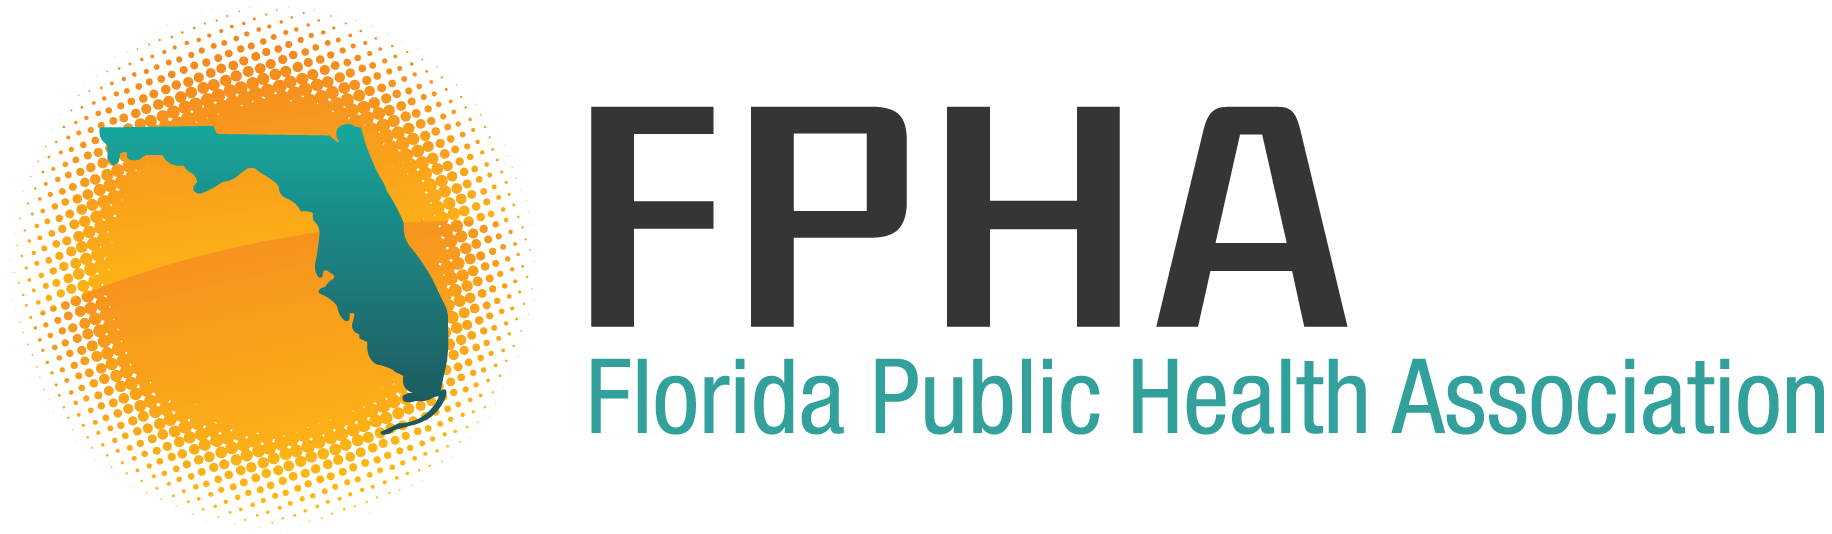 Florida public health association certification of compliance florida public health association certification of compliance with florida public records law xflitez Images